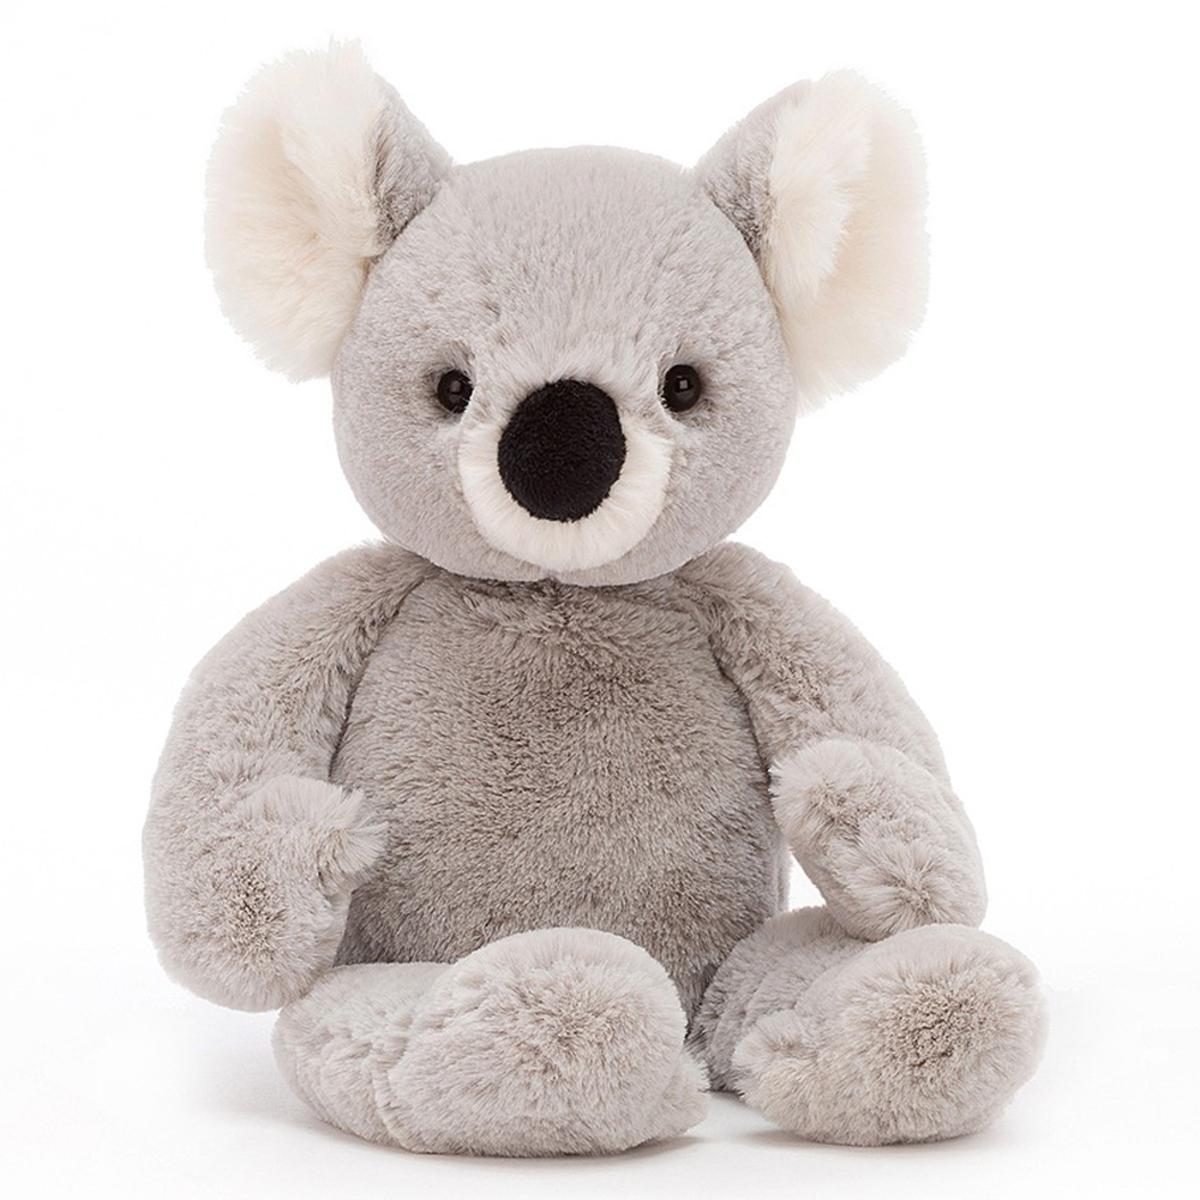 Peluche Benji Koala - Medium